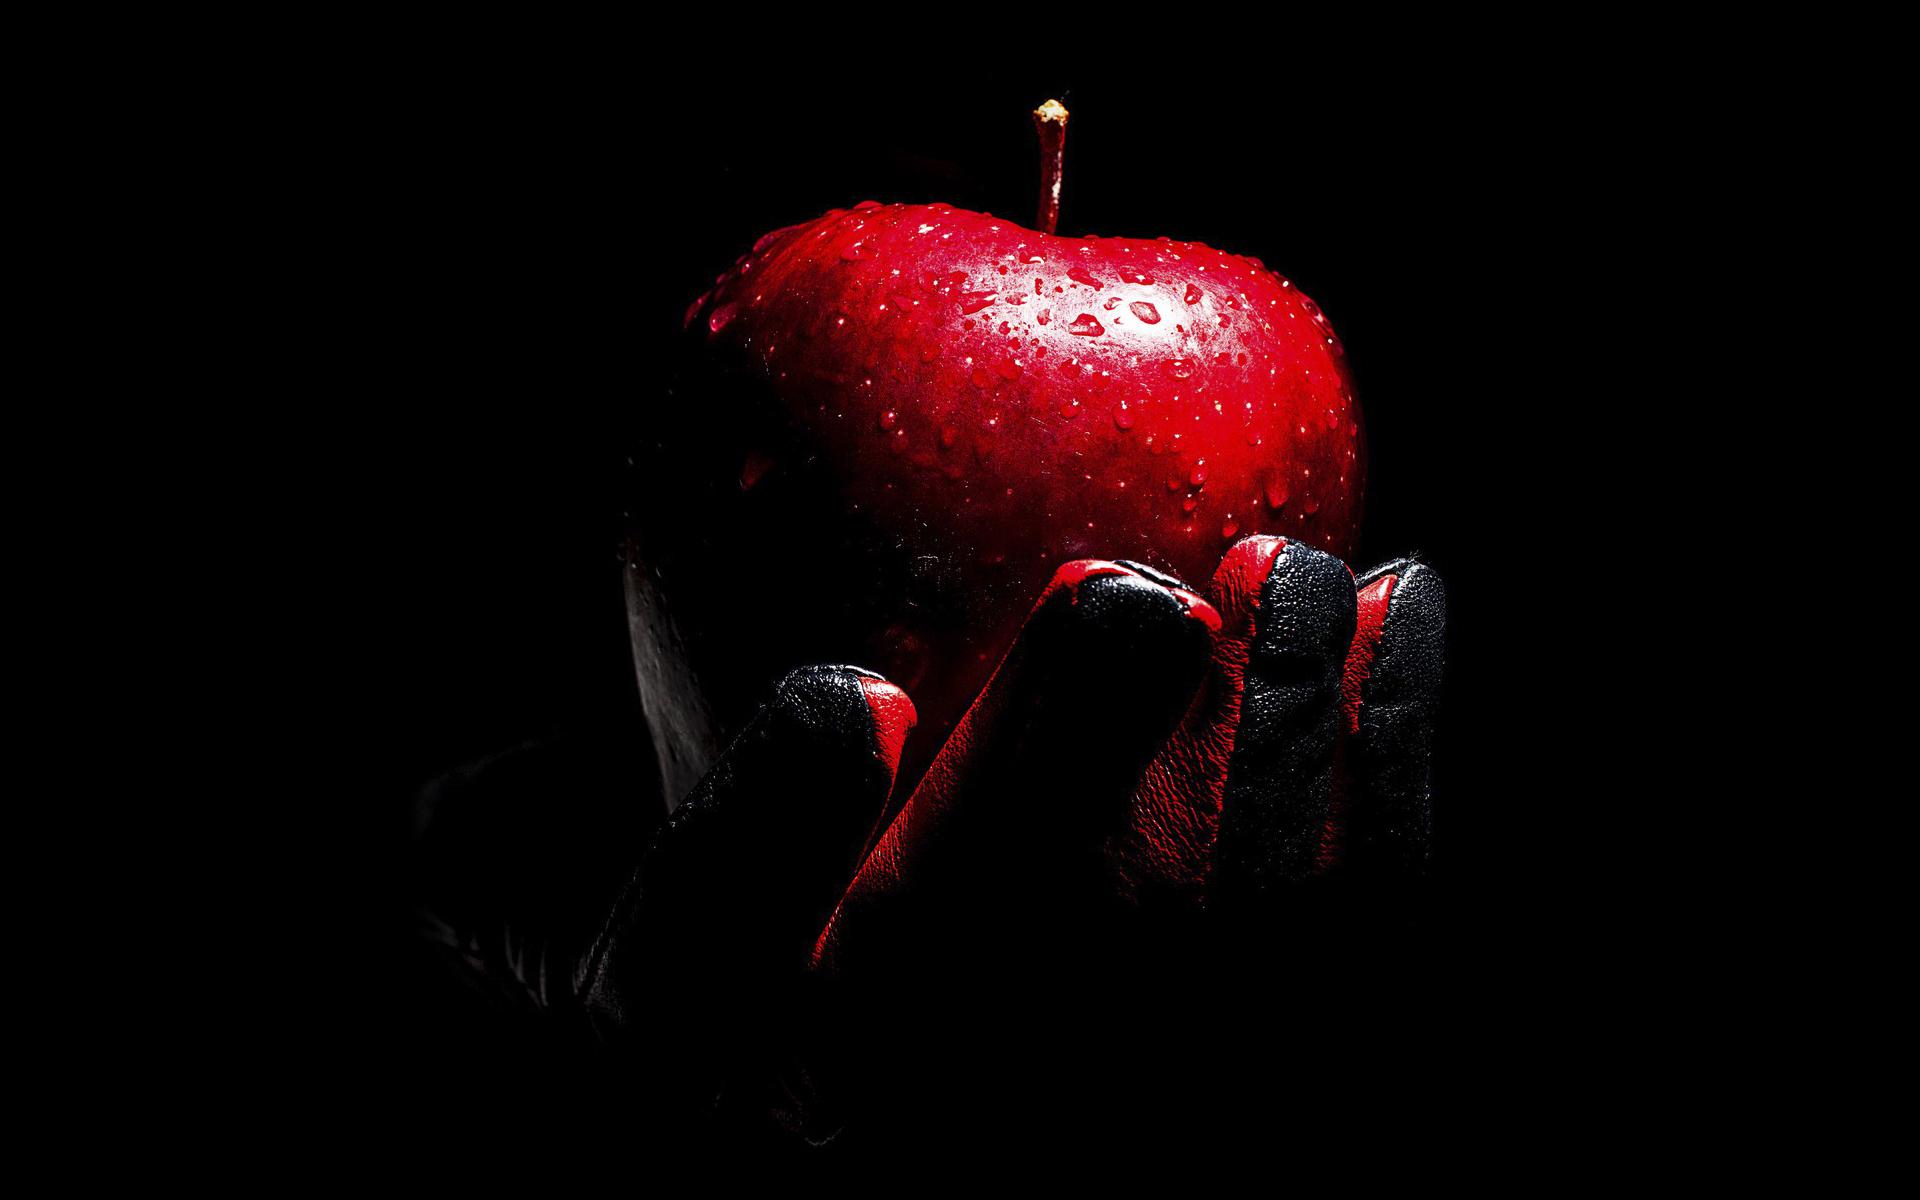 Обои на рабочий стол яблоко на черном фоне